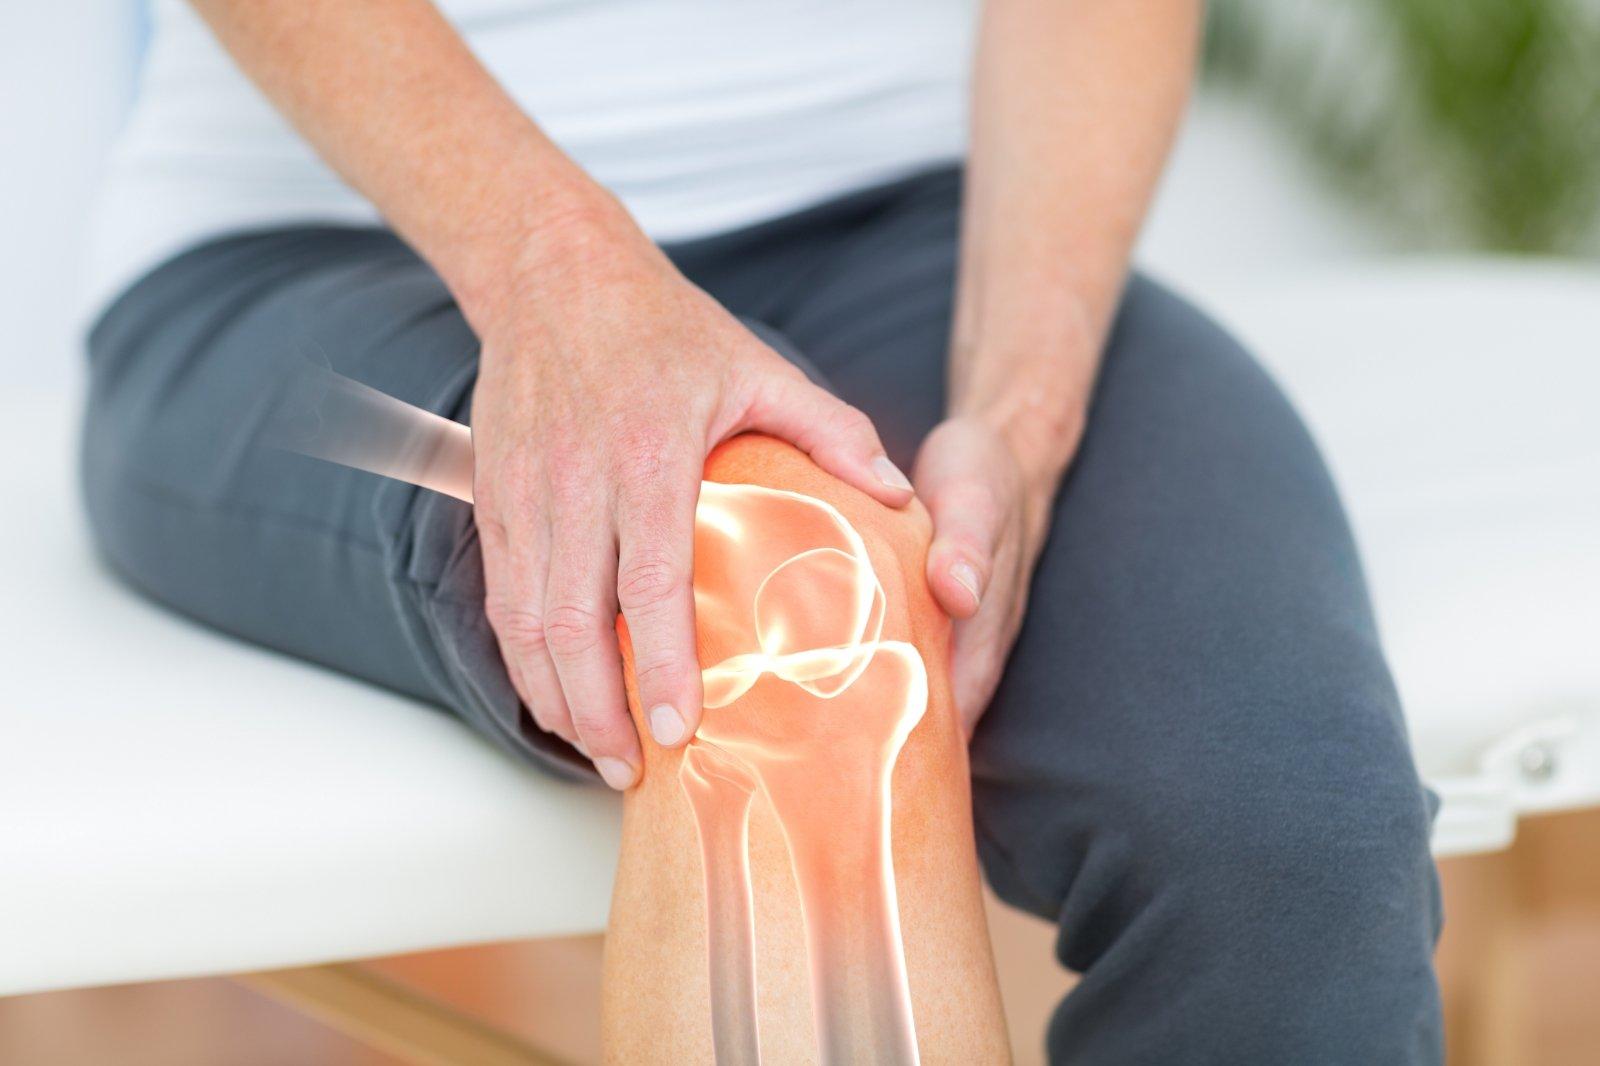 skausmas rankose sąnarių apsinuodijimo ihtiolovaya tepalas artrito